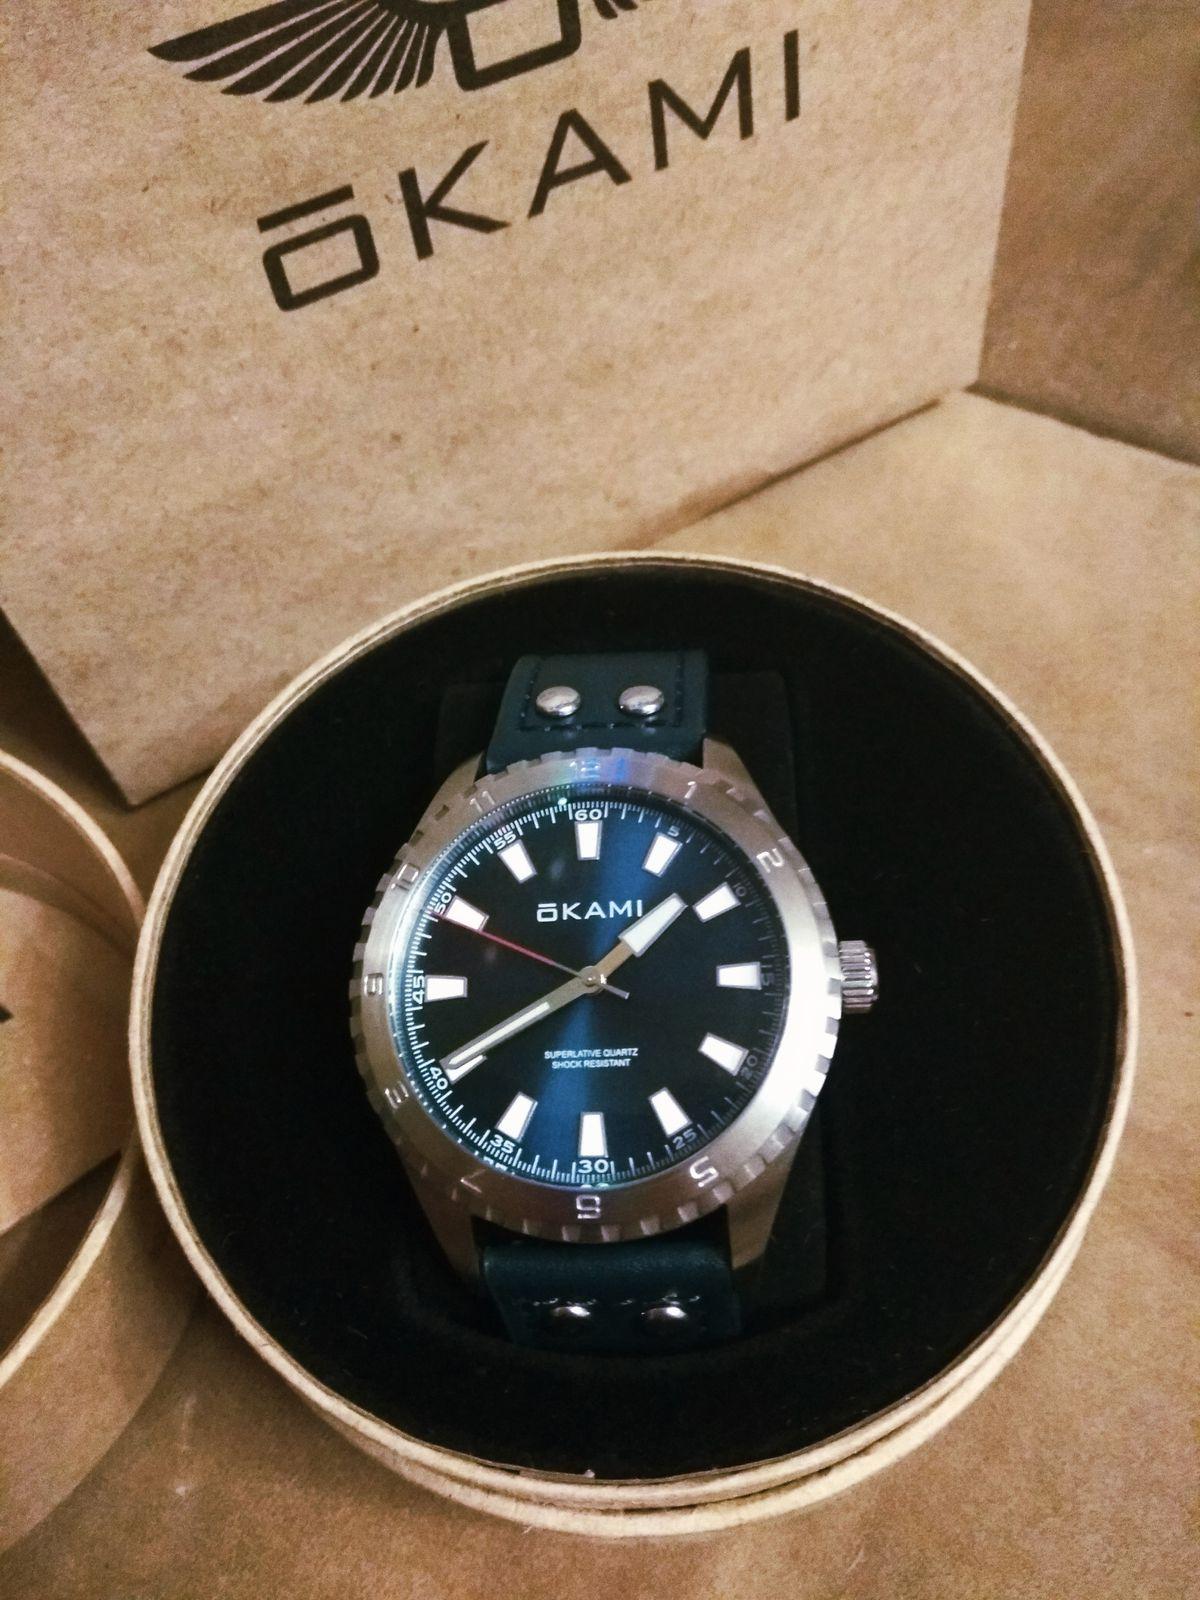 Отличный подарок для мужчины по любому поводу, качество соответствует цене!